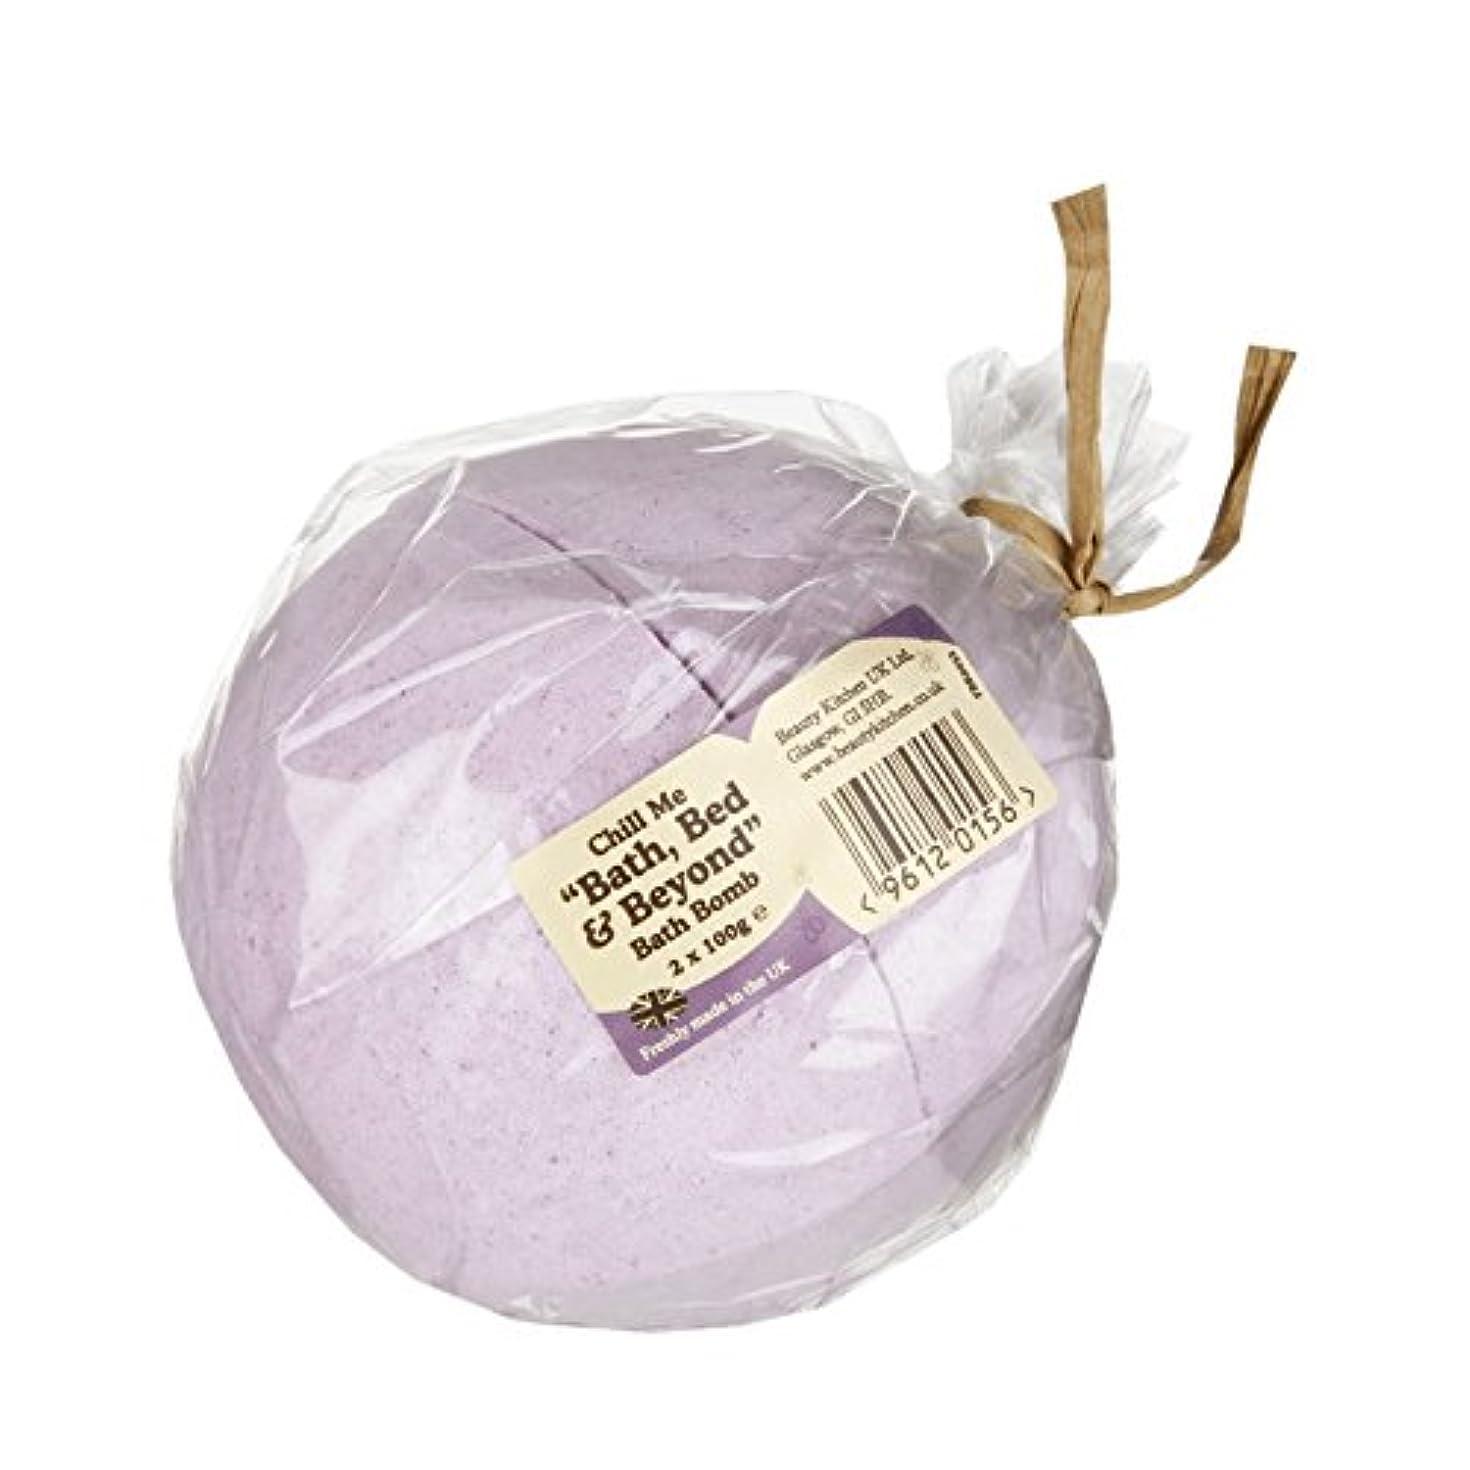 操縦する金貸し降下Beauty Kitchen Chill Me Bath, Bed & Beyond Bath Bomb 2 x 100g (Pack of 6) - 美しさのキッチンには、バスタブ、ベッド&バス爆弾2×100グラムを超...